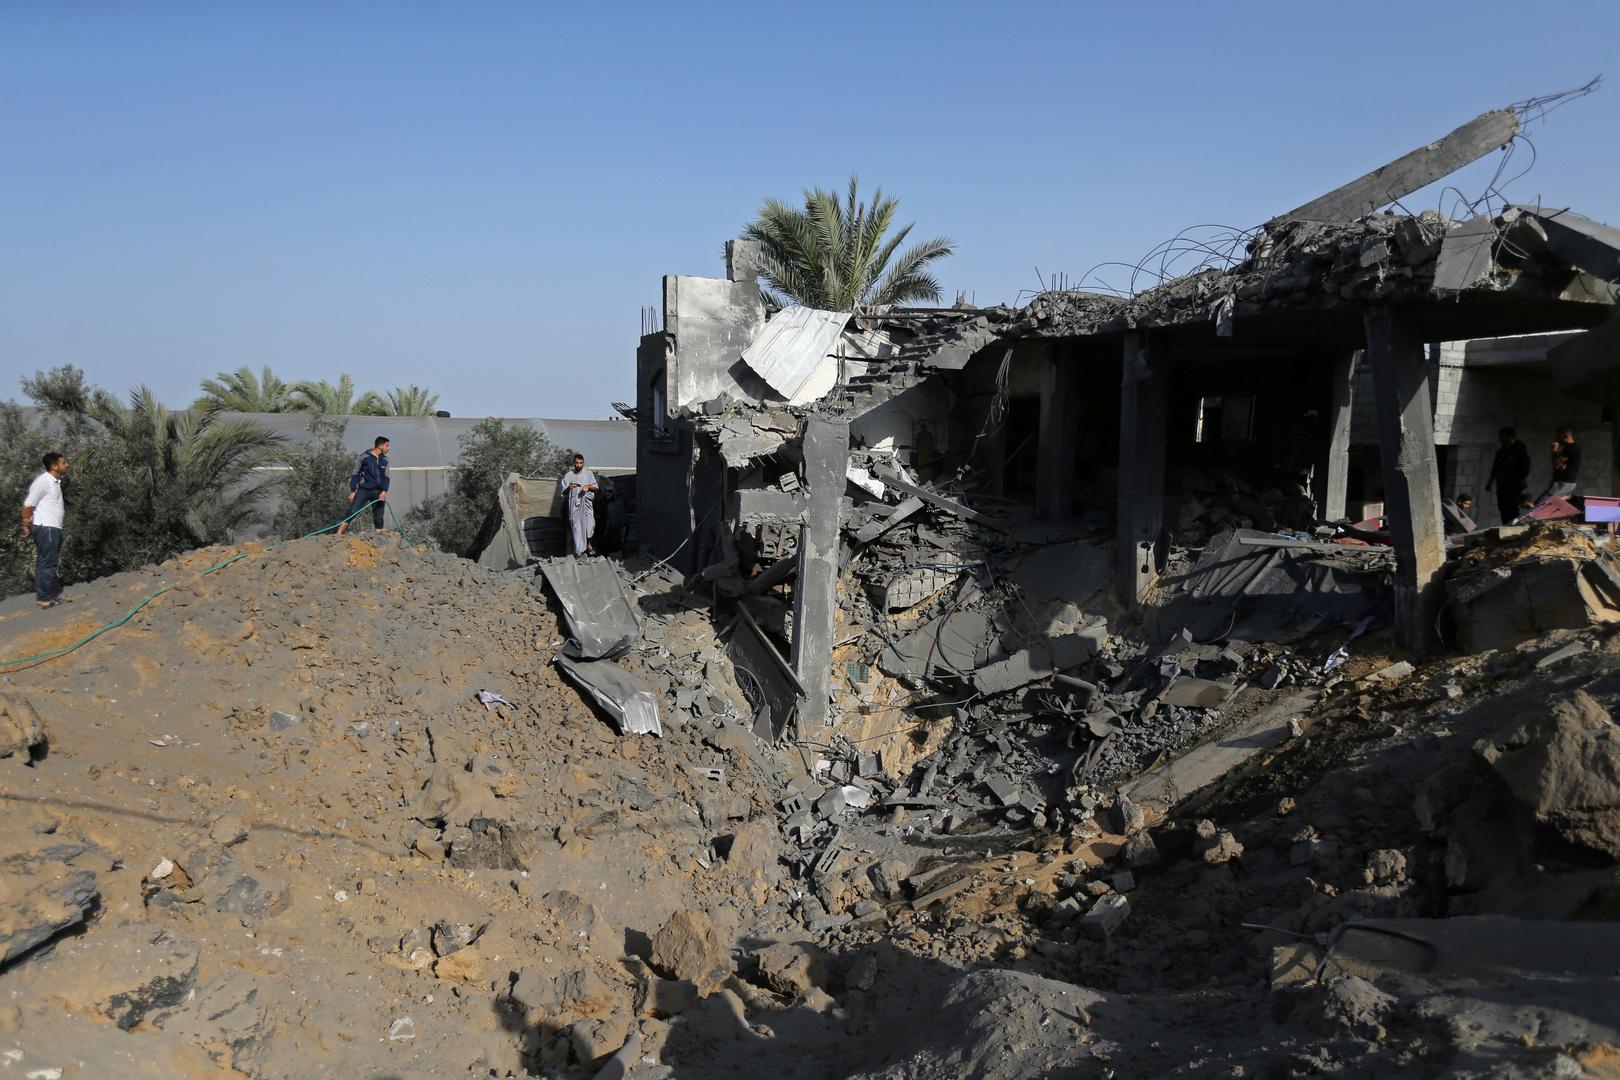 ارتفاع حصيلة ضحايا الغارات الإسرائيلية على غزة إلى 34 قتيلا و111 جريحا